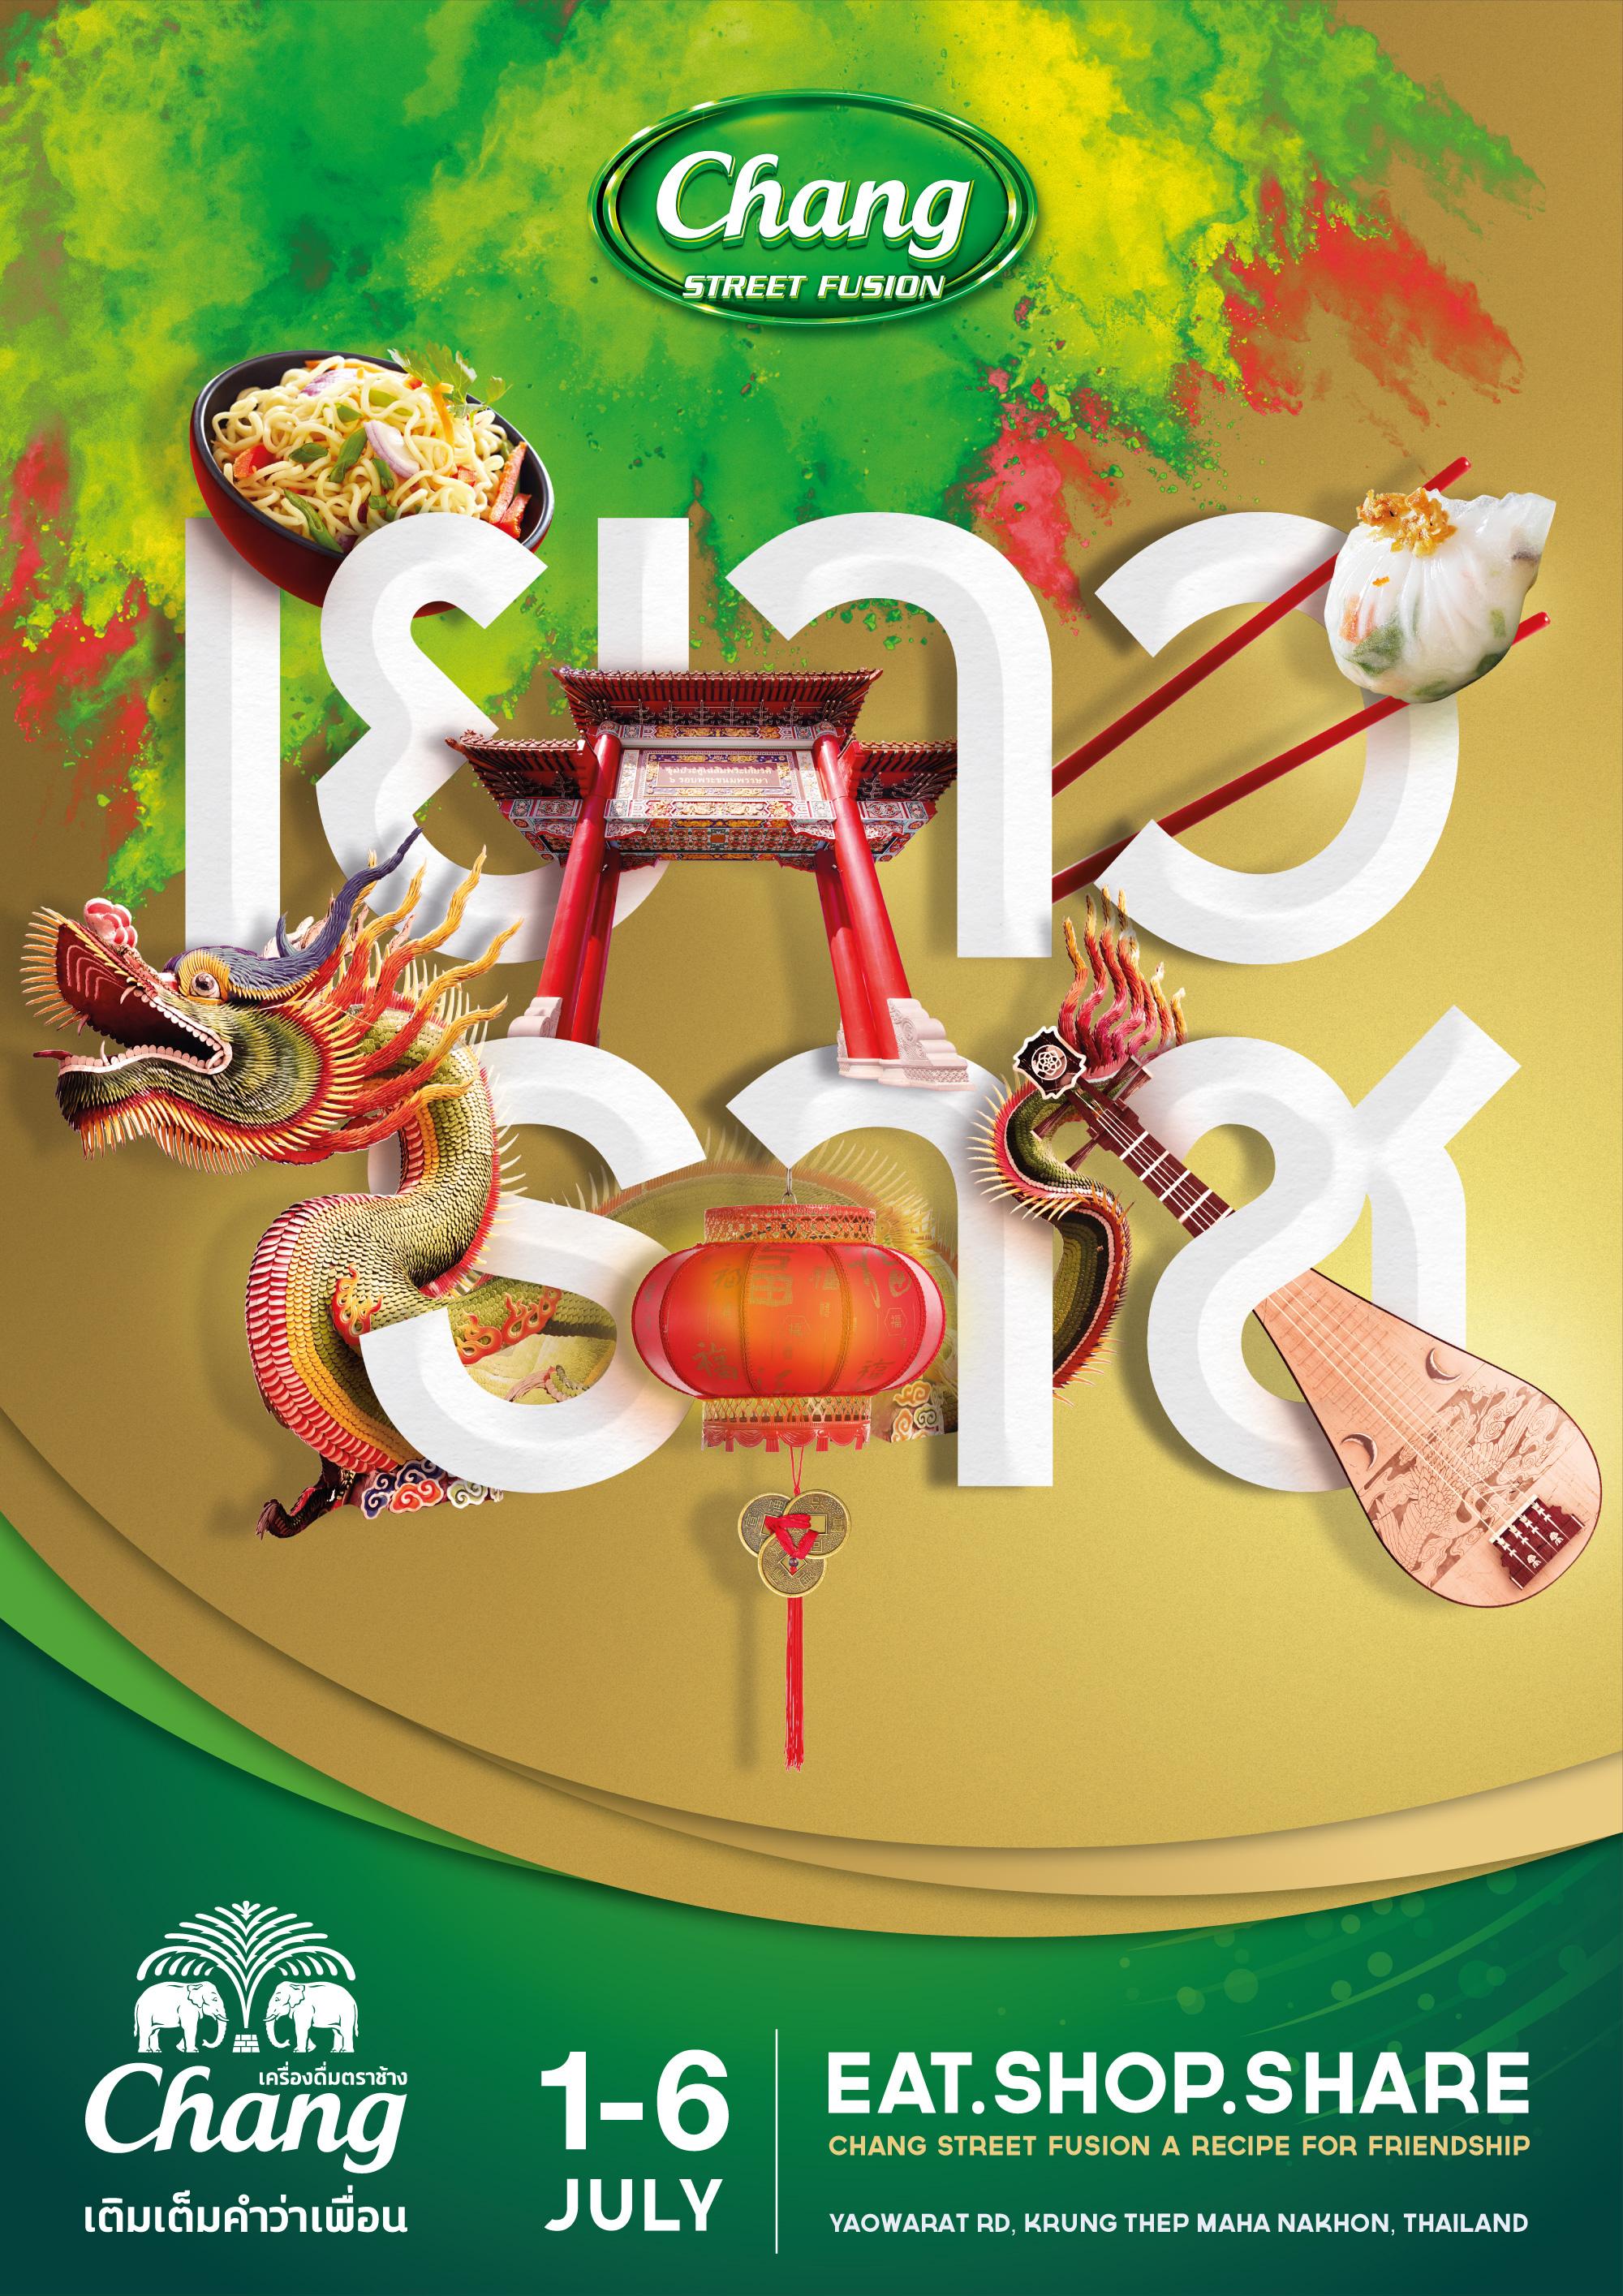 003114-Chang-Food-KV-THAI-A4-Yaowarat-04.jpg